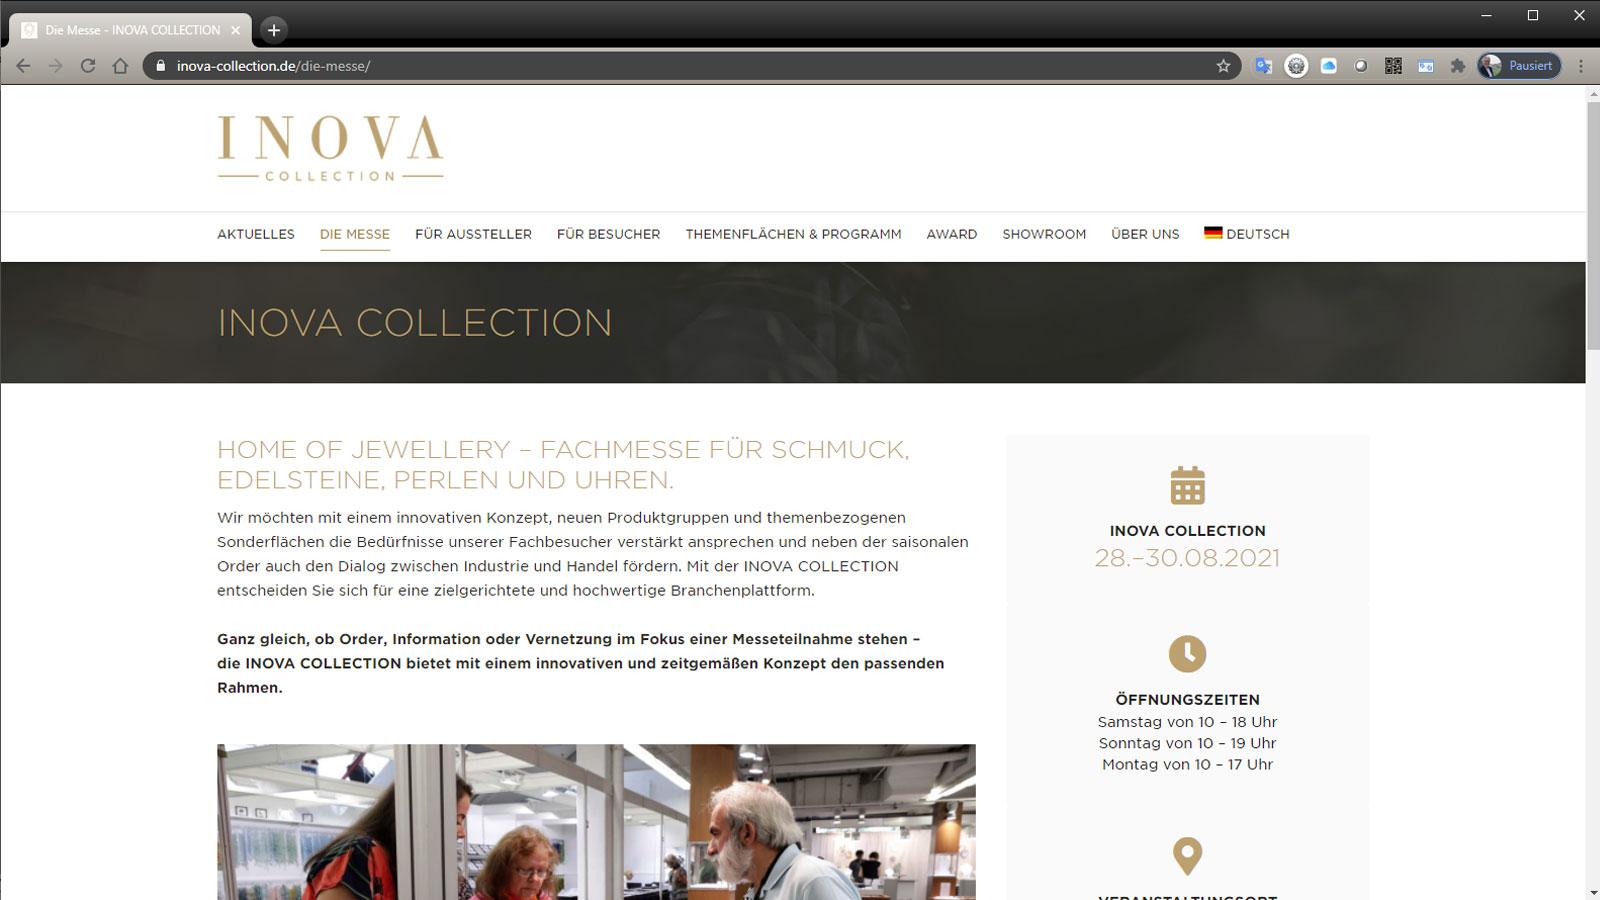 Schmuckmesse Inova Collection 2021